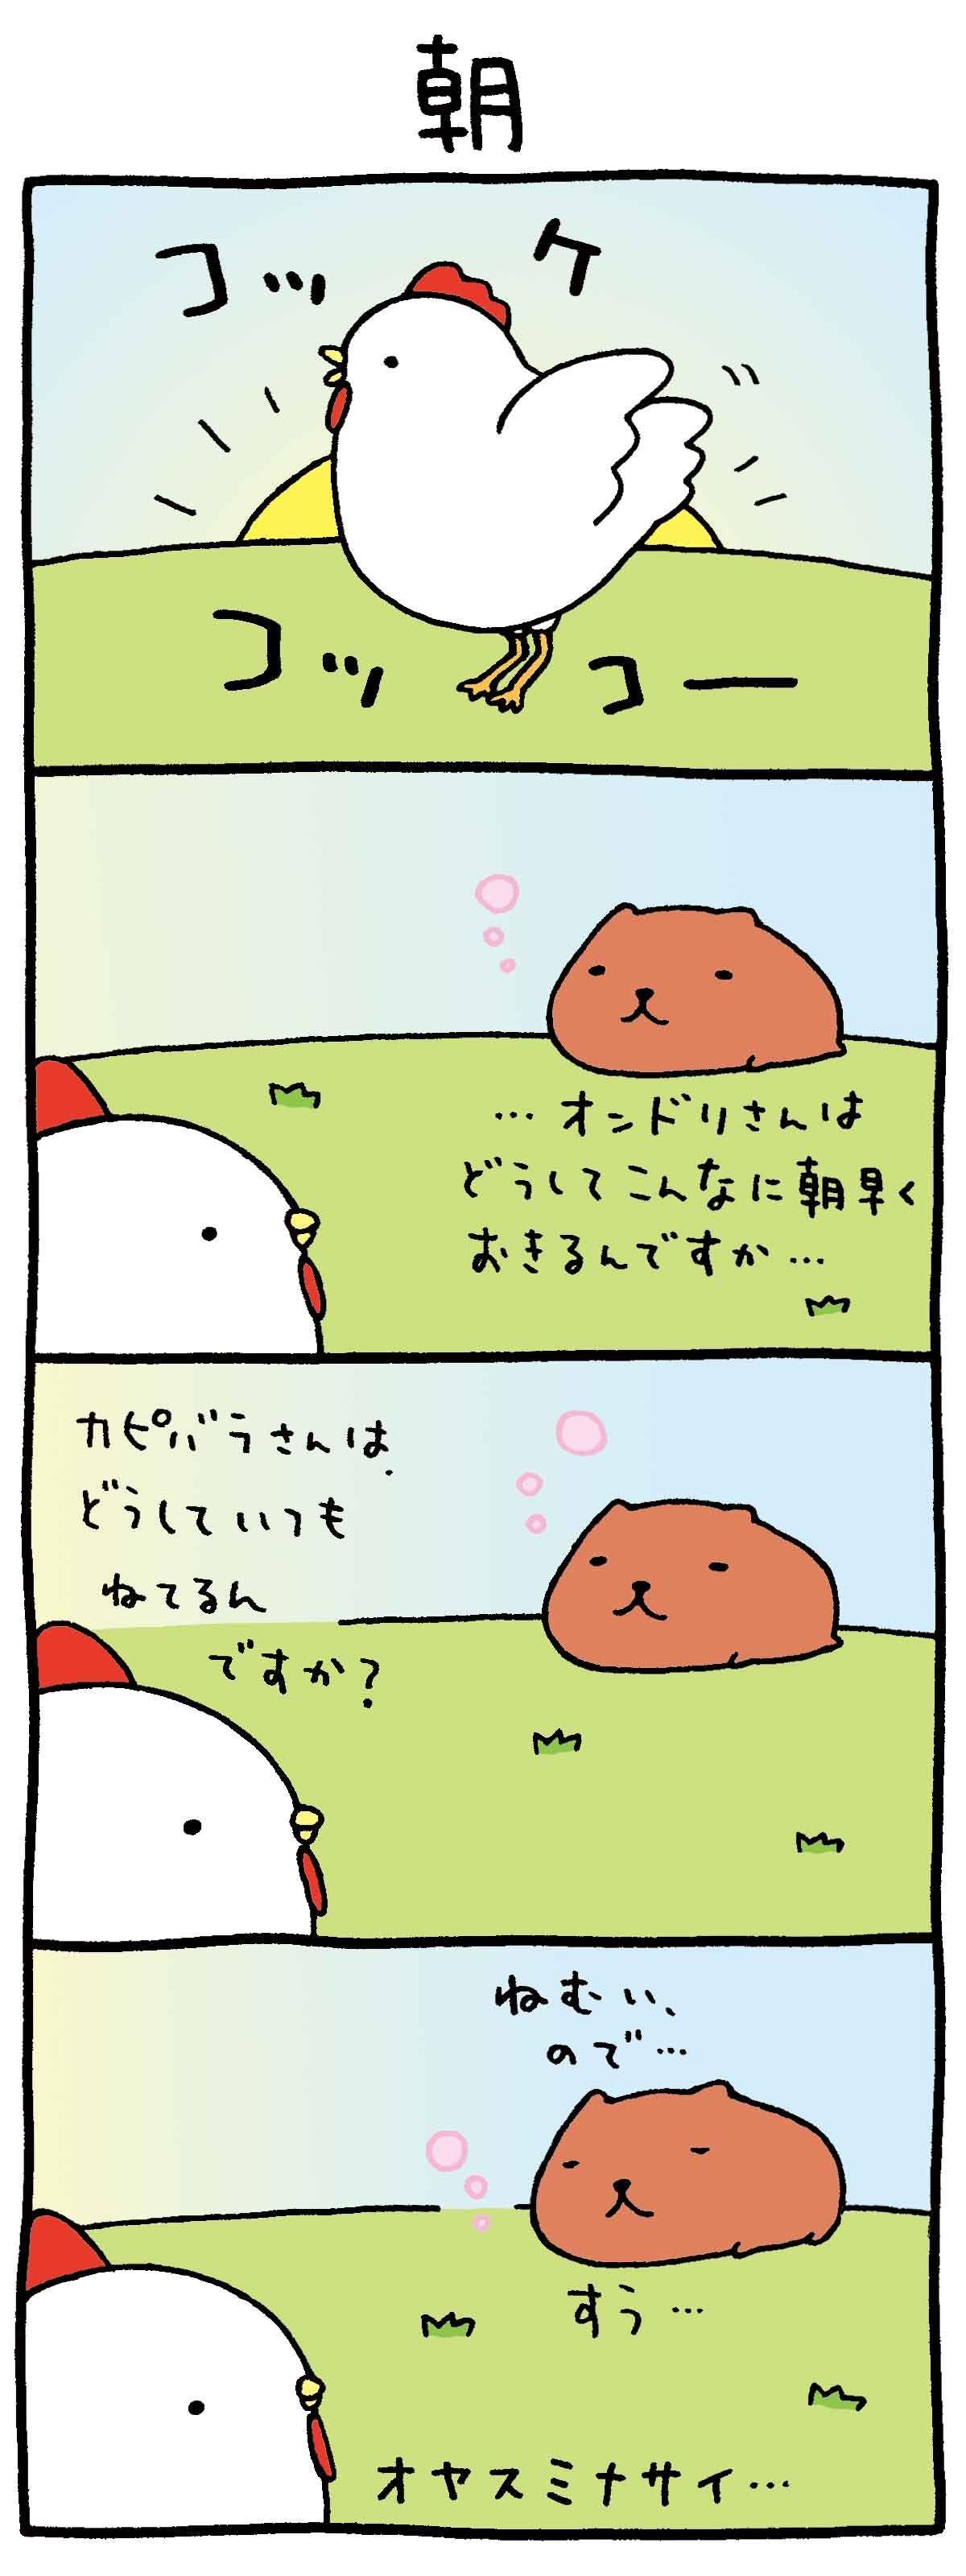 カピバラさん 朝 無料で読める漫画 4コマサイト パチクリ